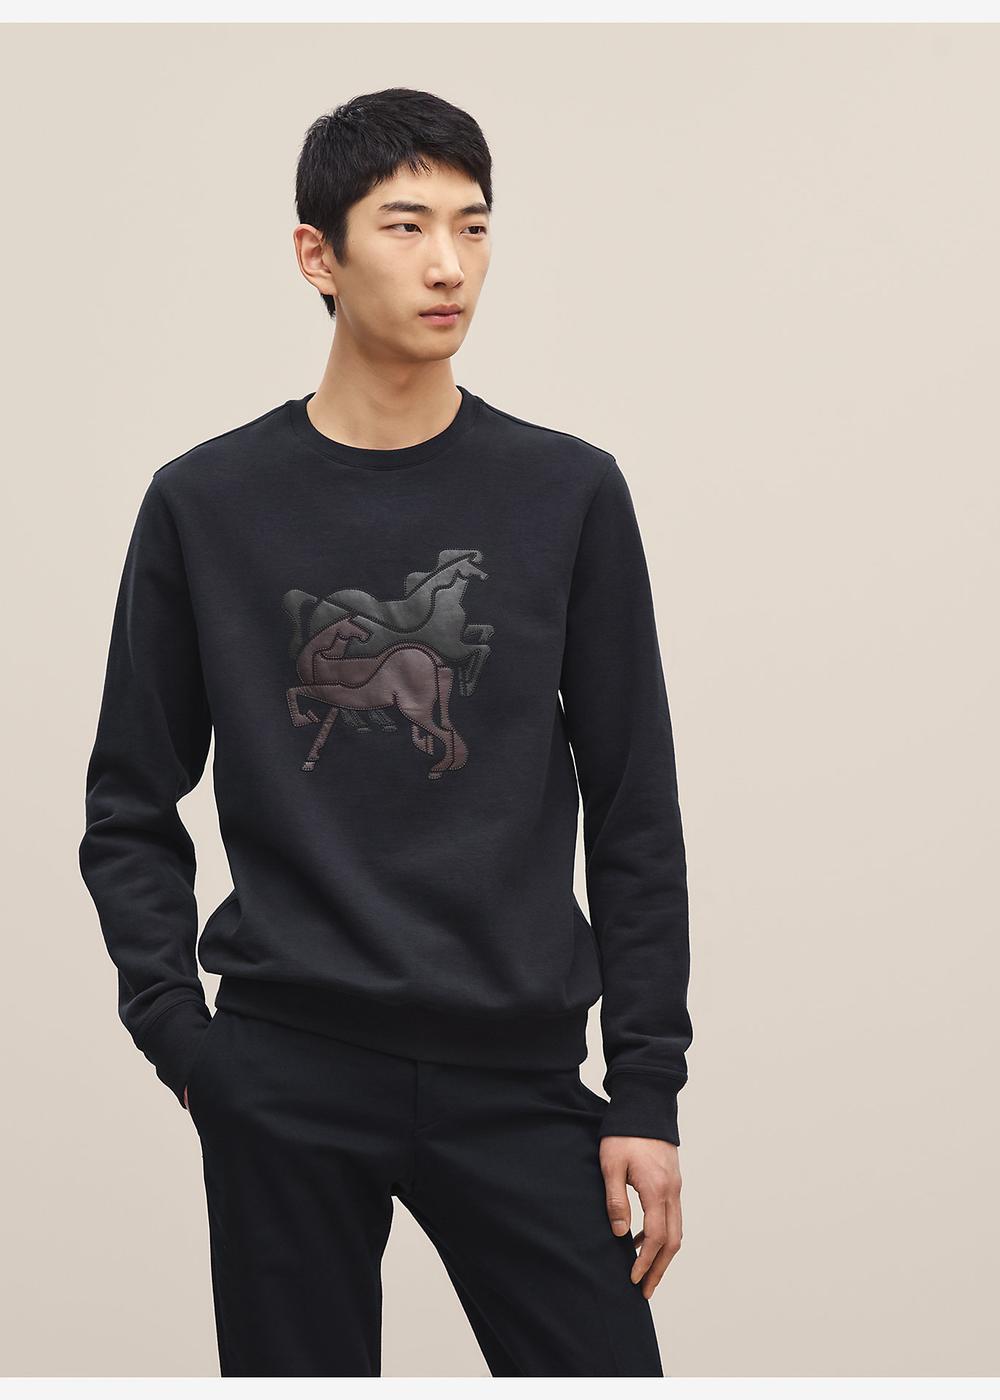 Hermès product